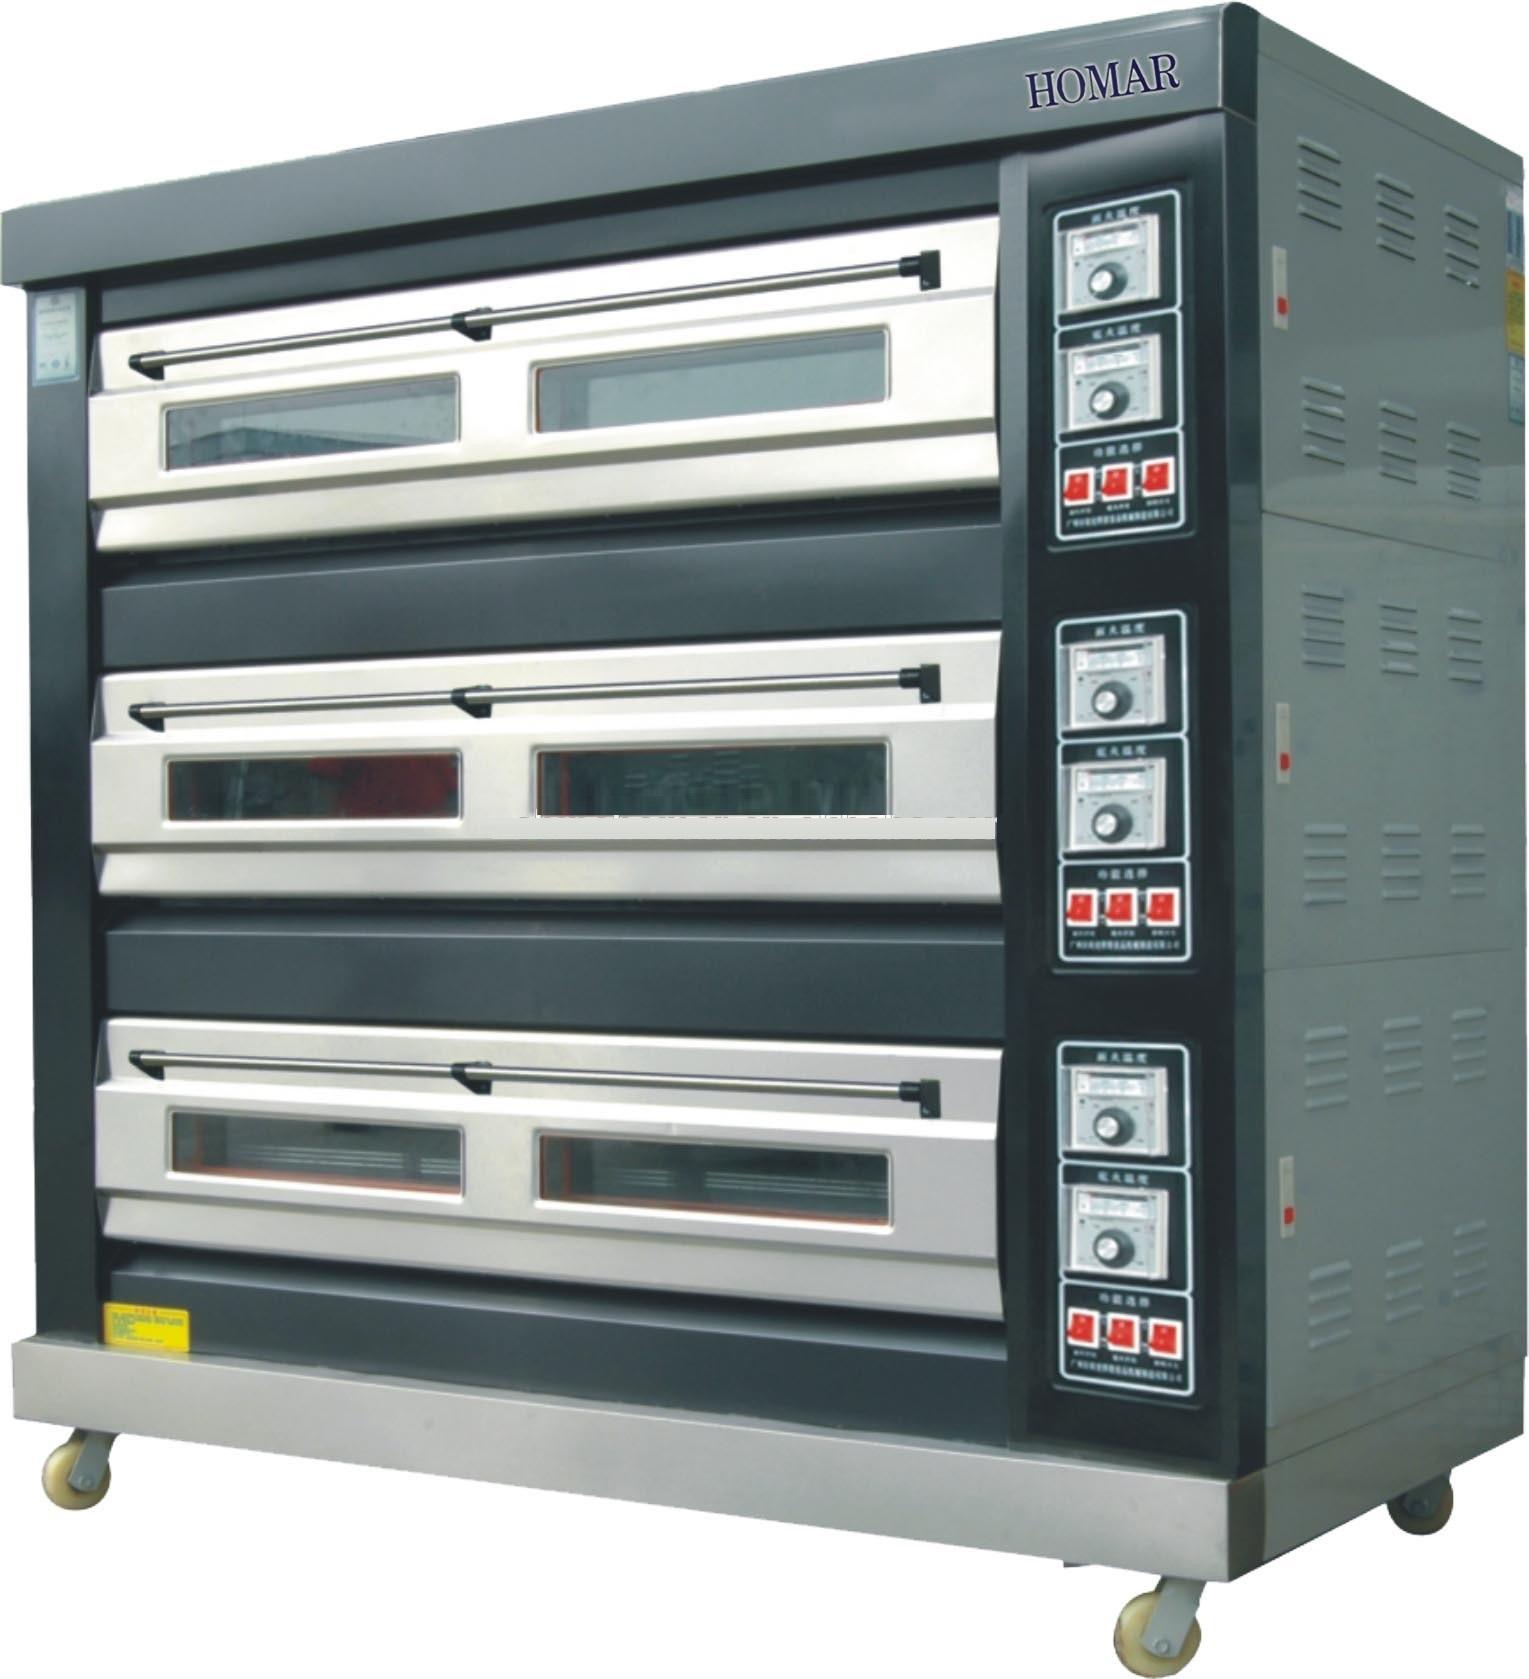 pengaruh oven roti baru